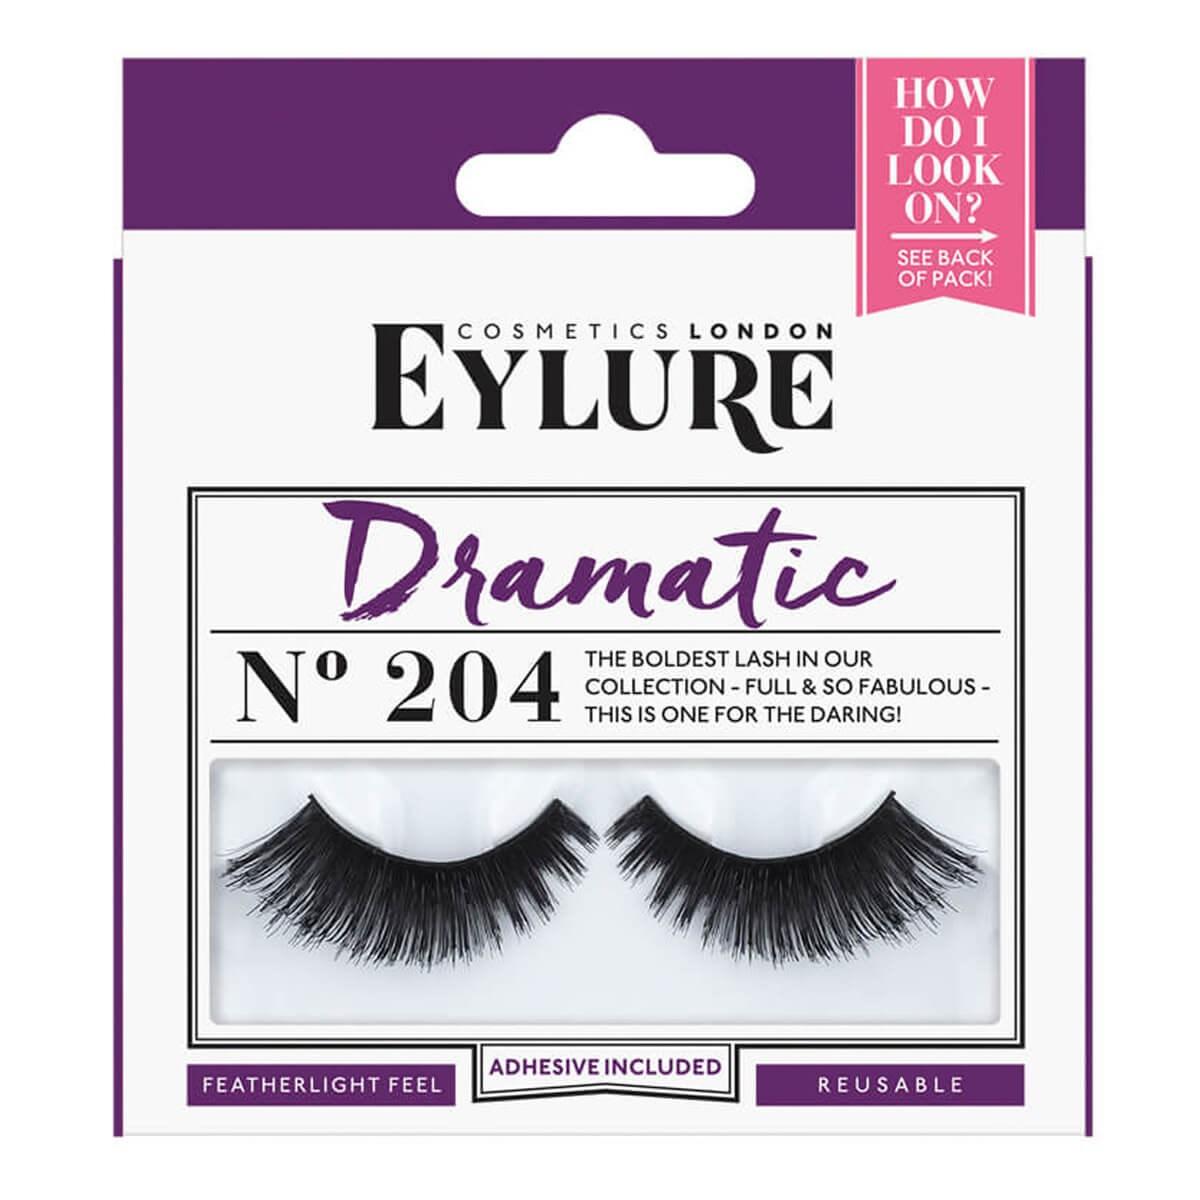 Eylure Dramatic Lashes No 204